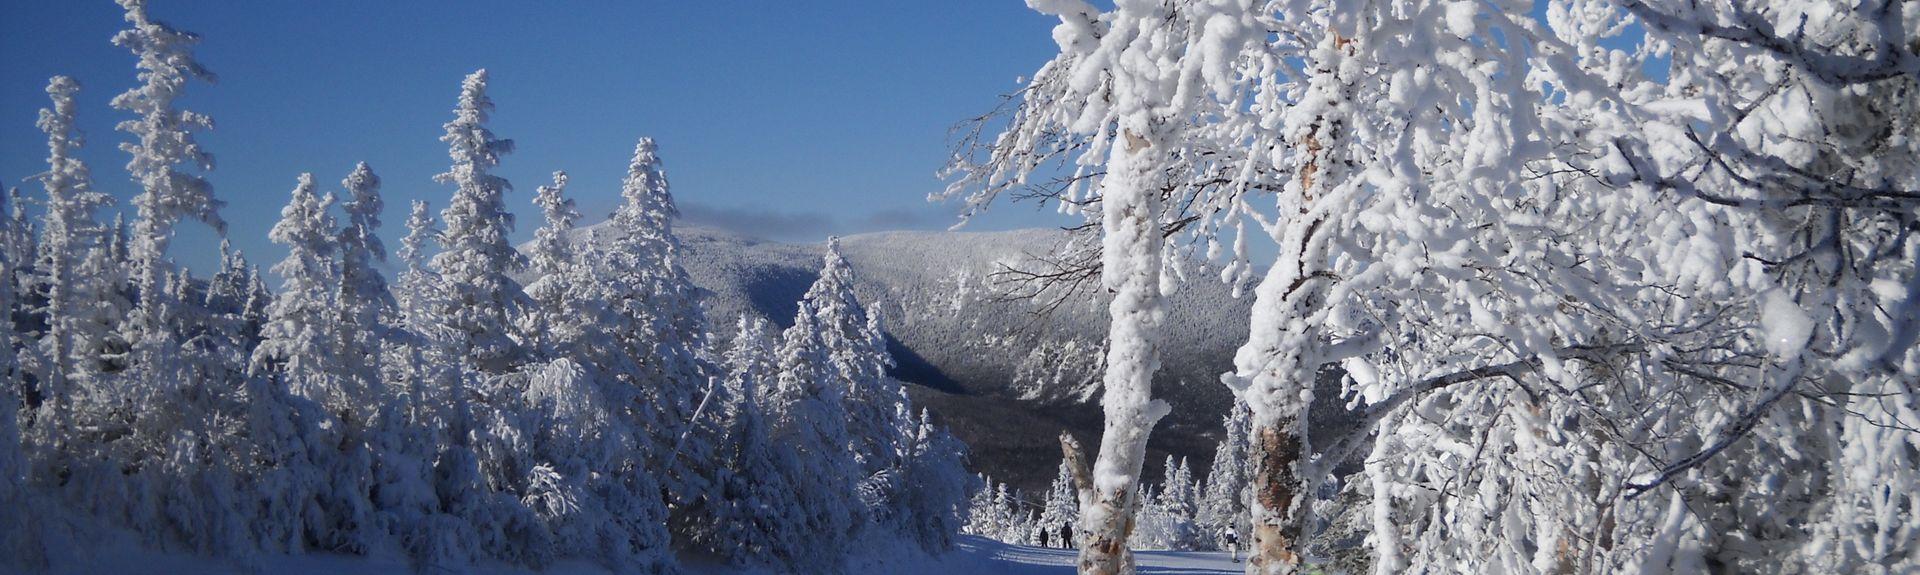 Saddleback, Rangeley, Maine, USA